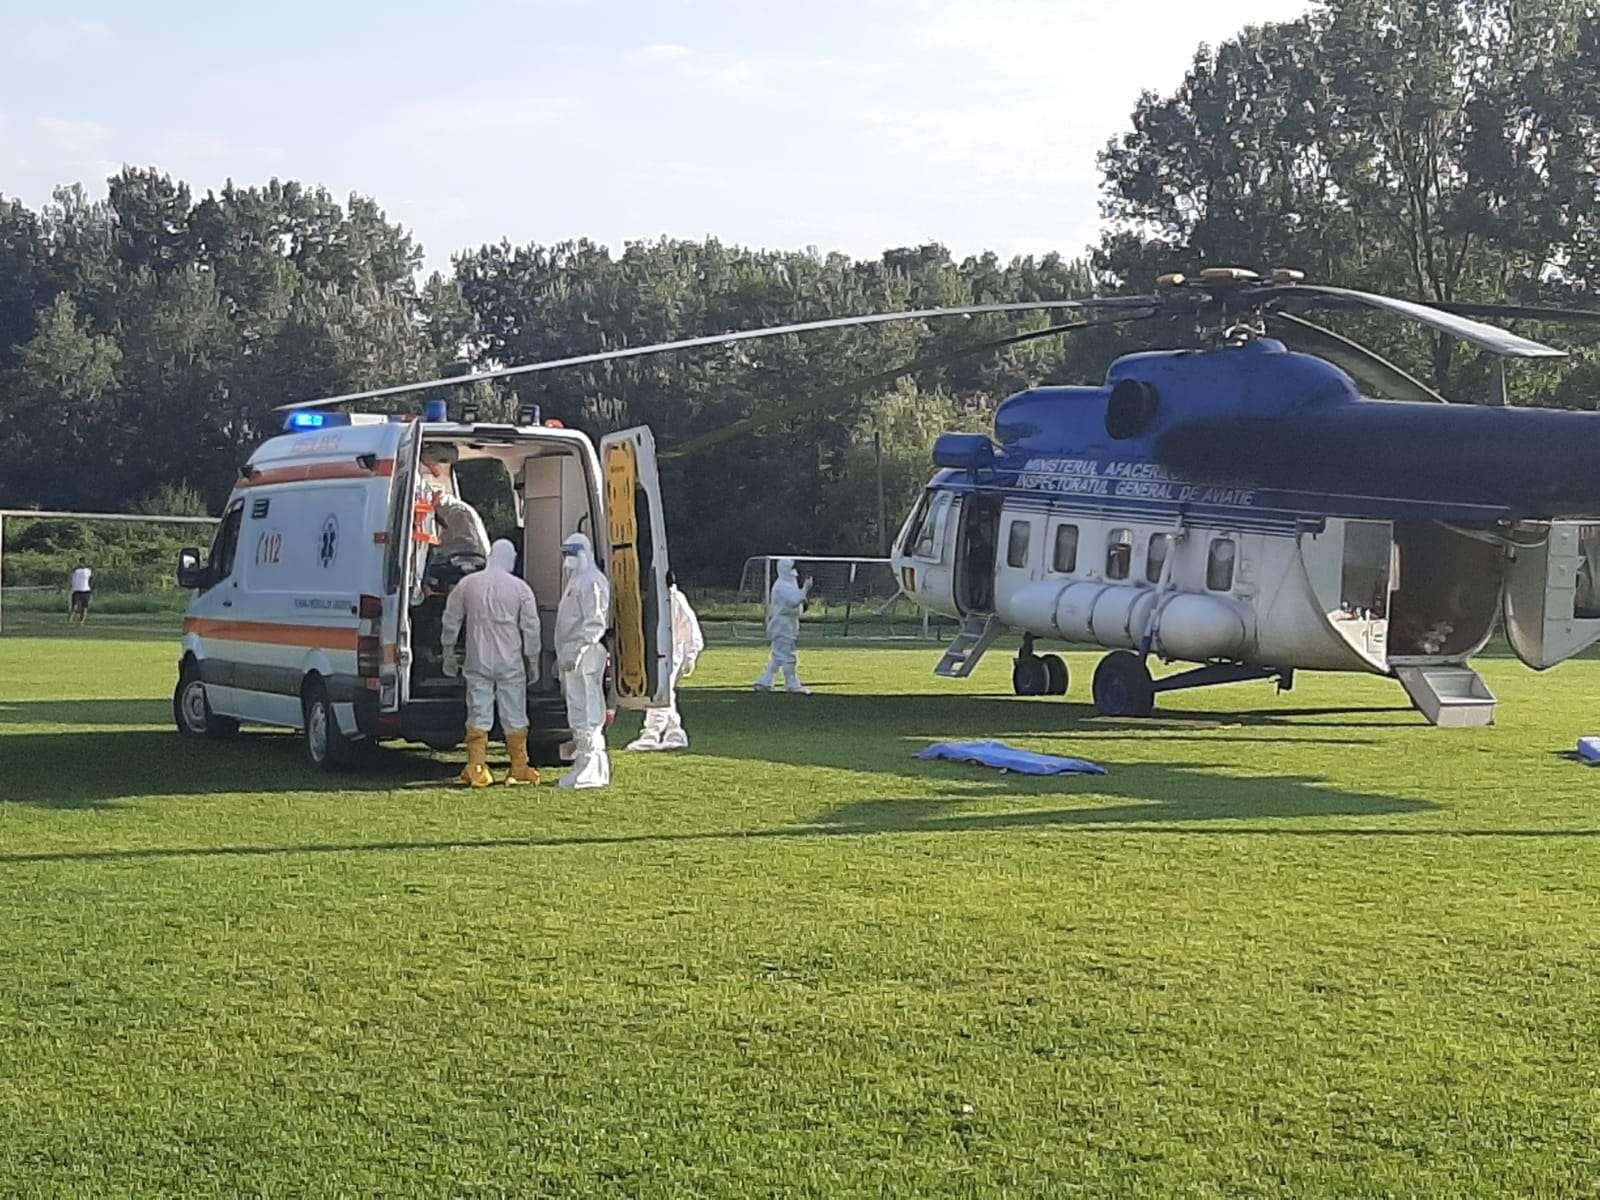 Trei pacienți cu COVID-19 aflați în stare gravă, au fost transferați cu elicopterul la alte spitale